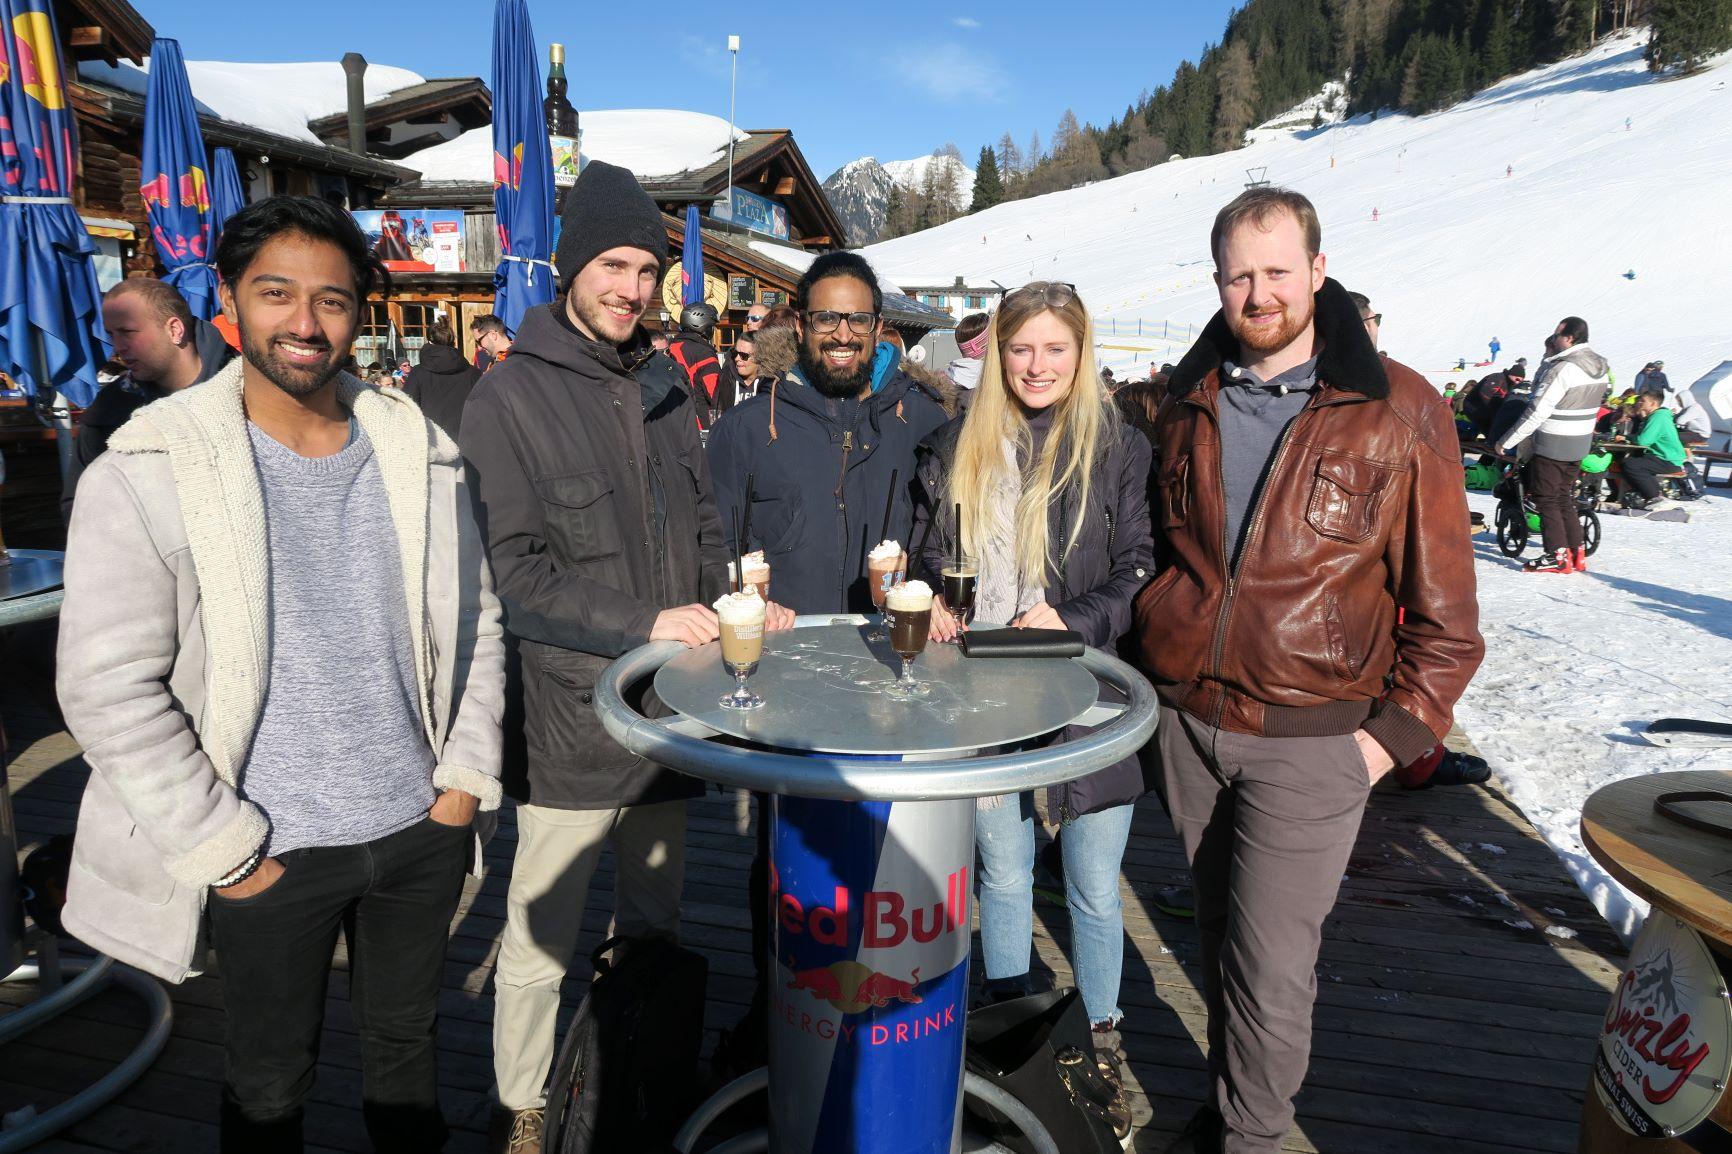 Teamfoto Adresta 1 - Startups rund um den Bodensee